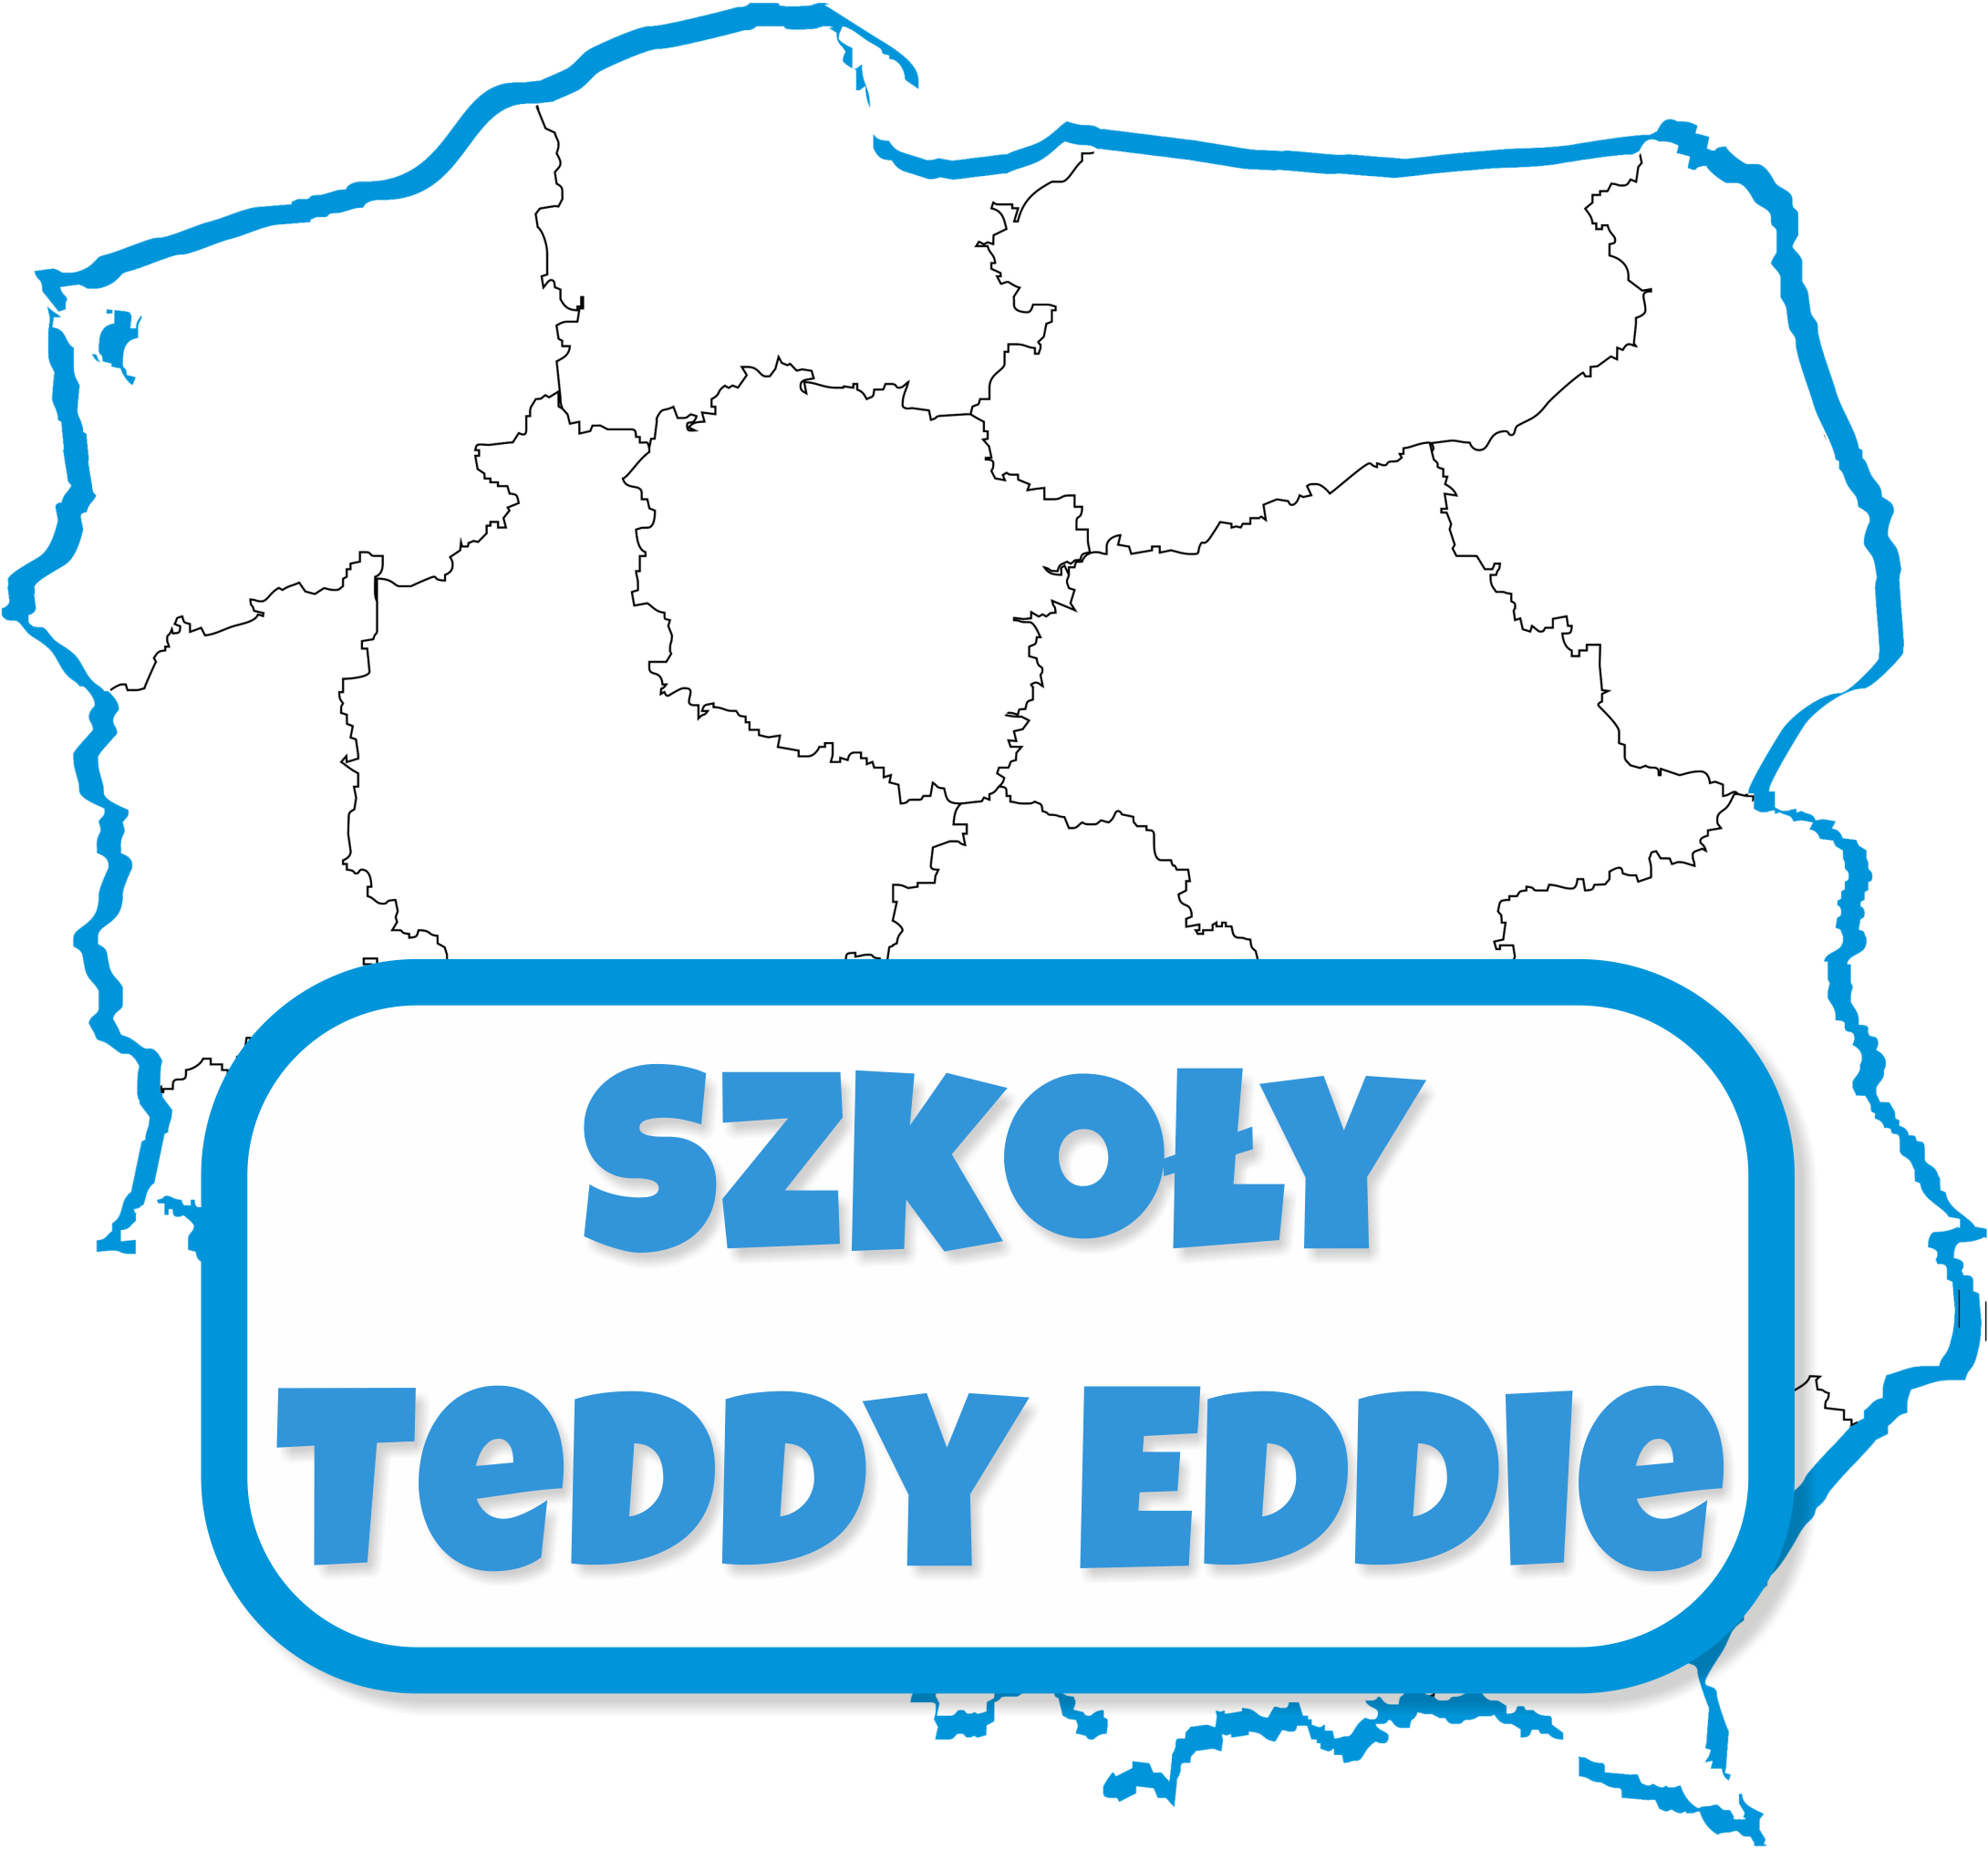 Szkoły Teddy Eddie